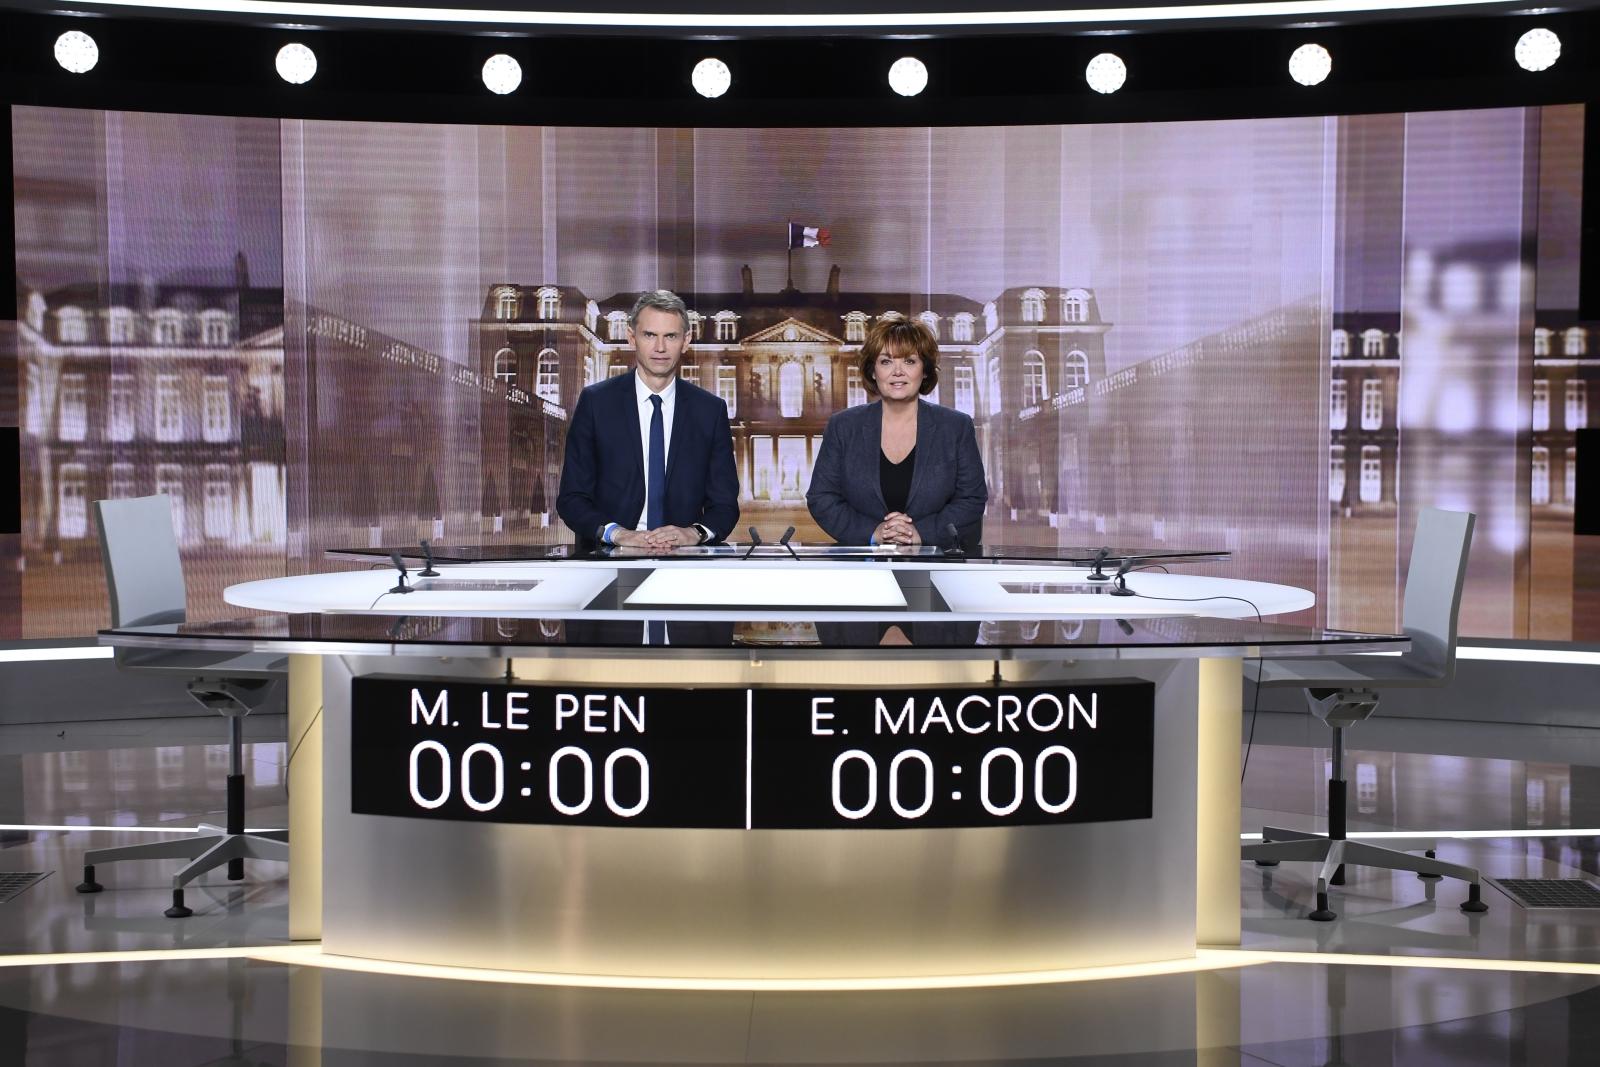 Debata kandydatów na prezydenta we Francji: Emmanuela Macrona i Marine Le Pen. Paryż. Fot. PAP/EPA/ERIC FEFERBERG / POOL